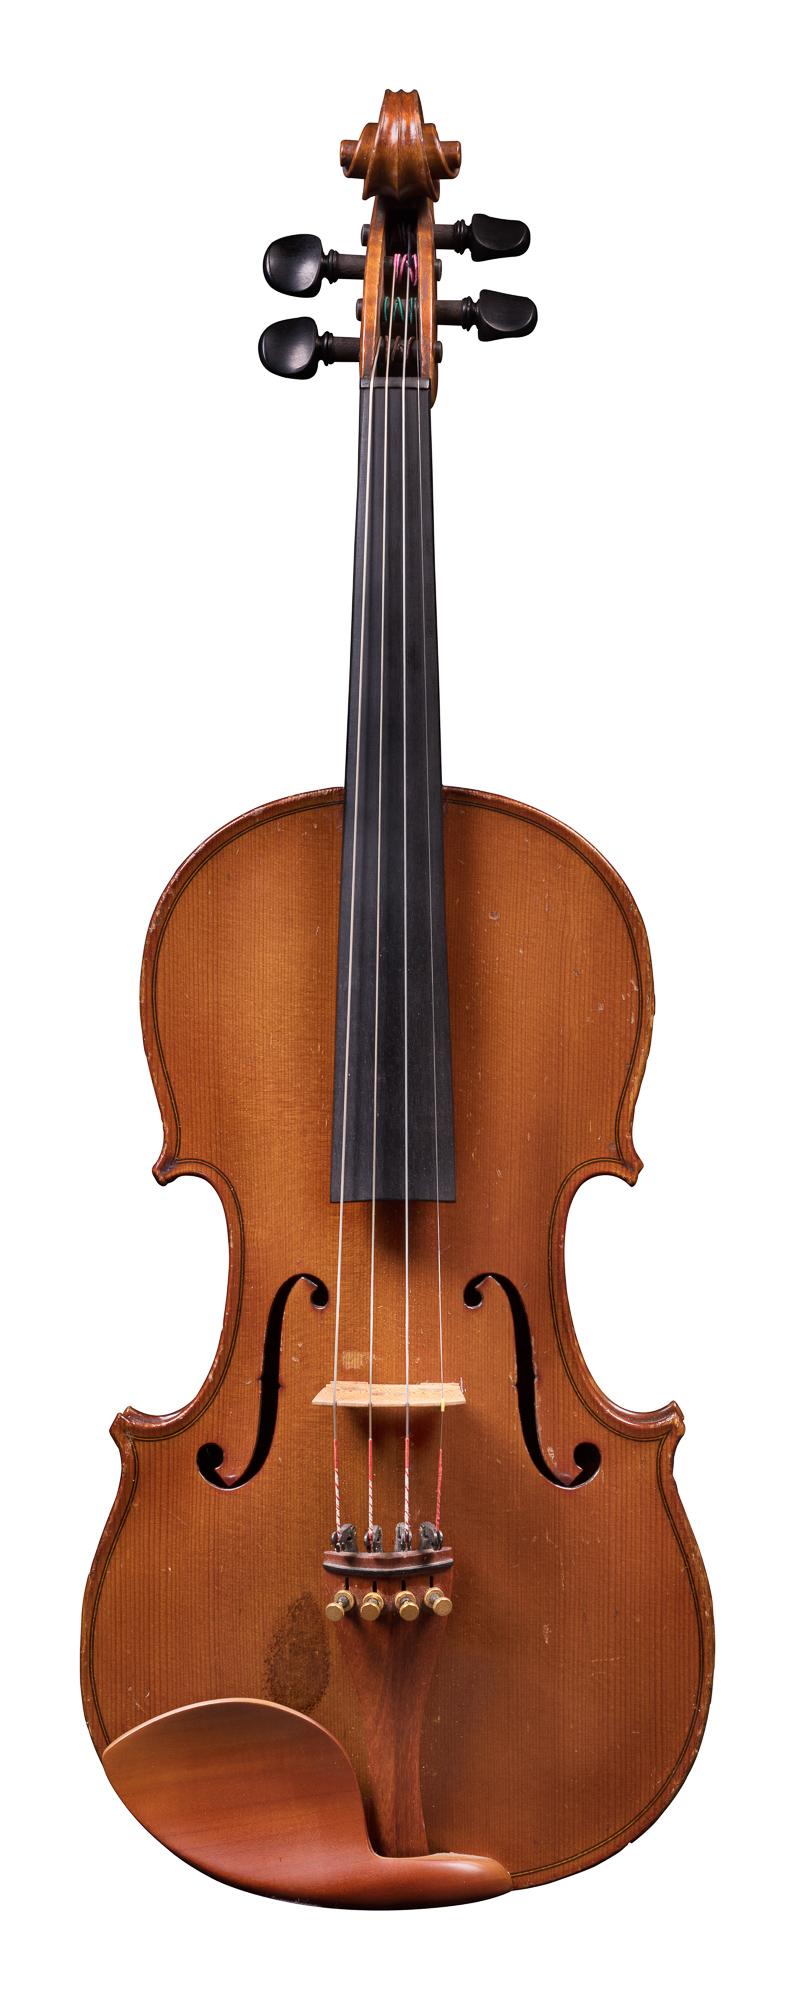 Violin by Jean-Baptiste Colin, France 1896